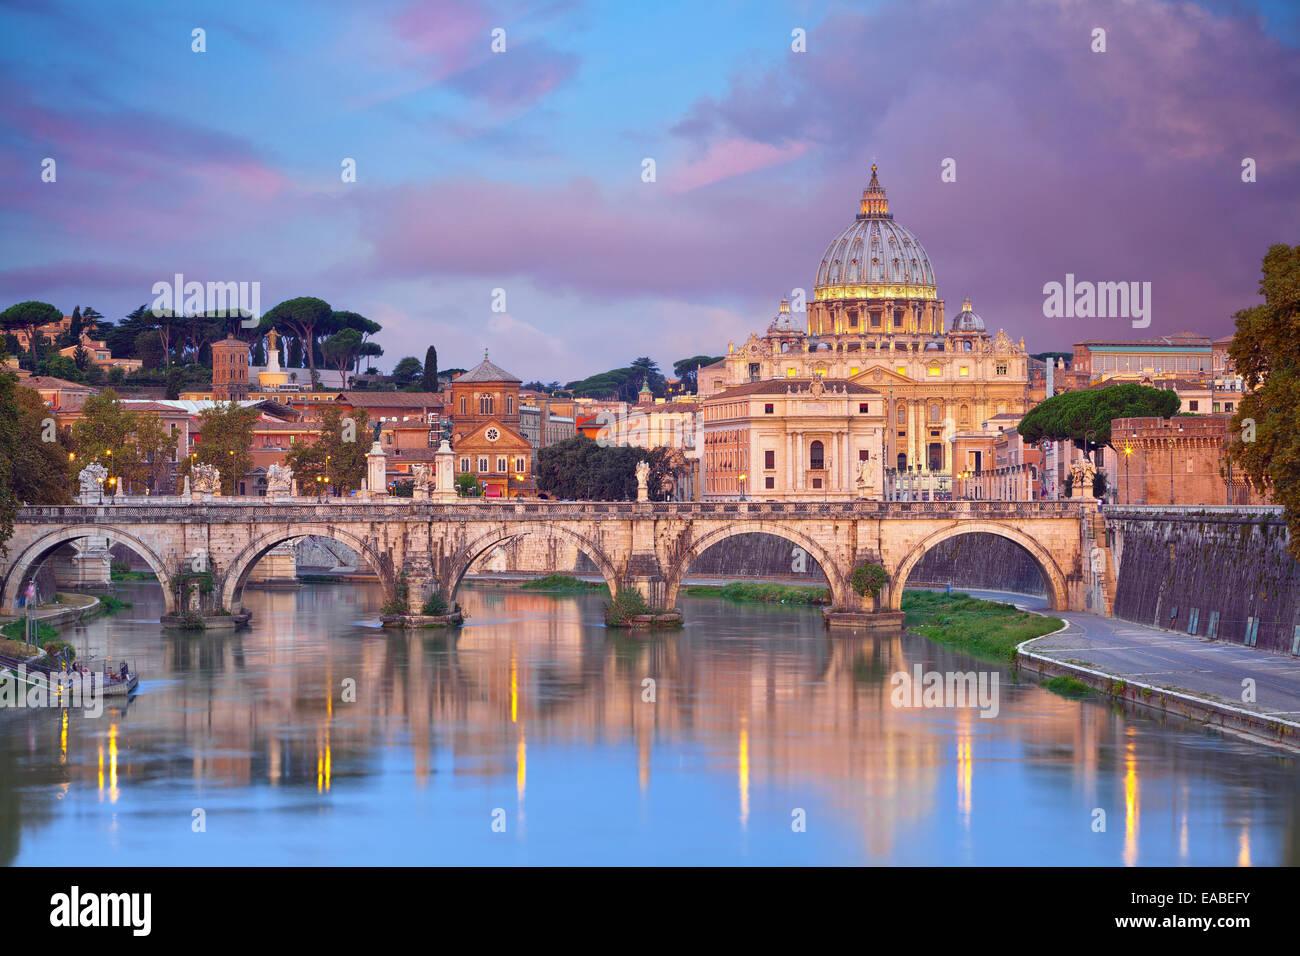 Rom. Blick auf Vittorio Emanuele Brücke und den Petersdom in Rom, Italien während der wunderschönen Stockbild